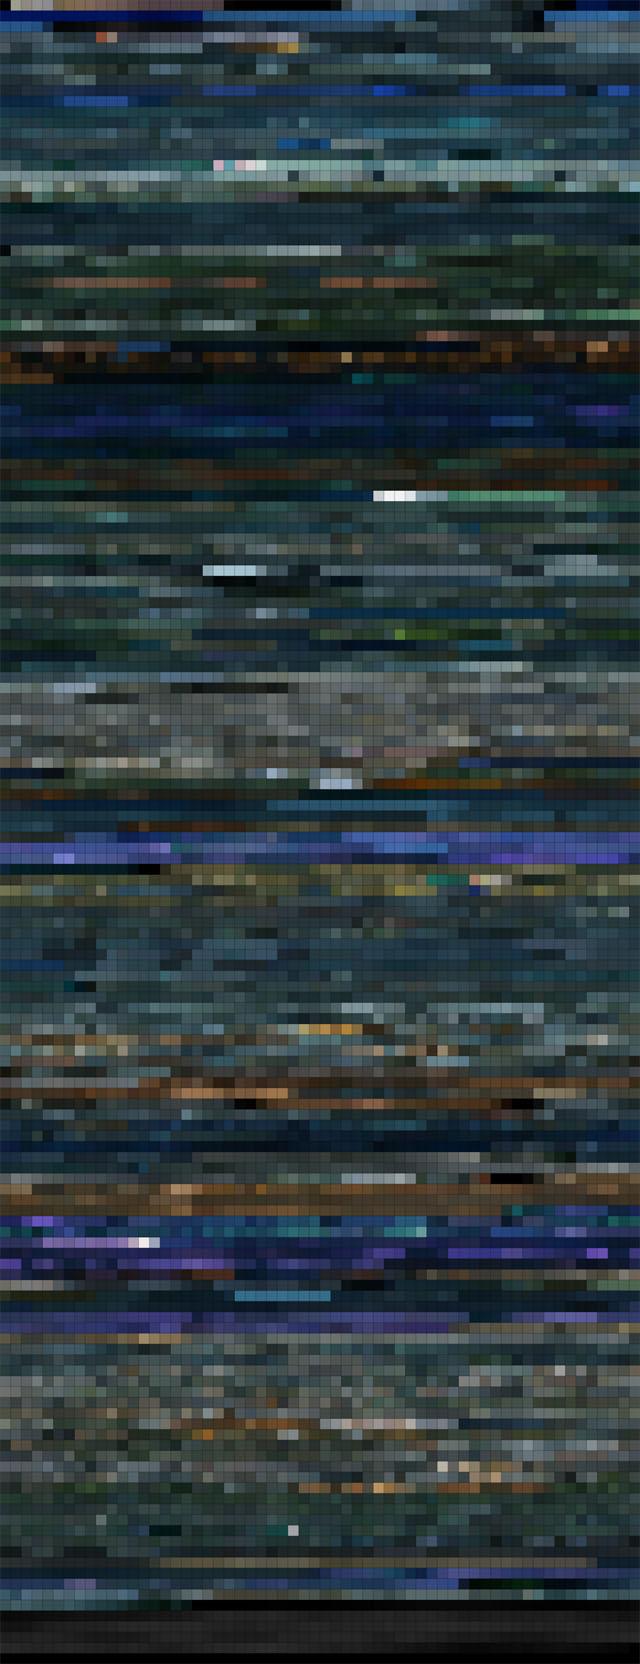 Spotmaps movie color blueprints